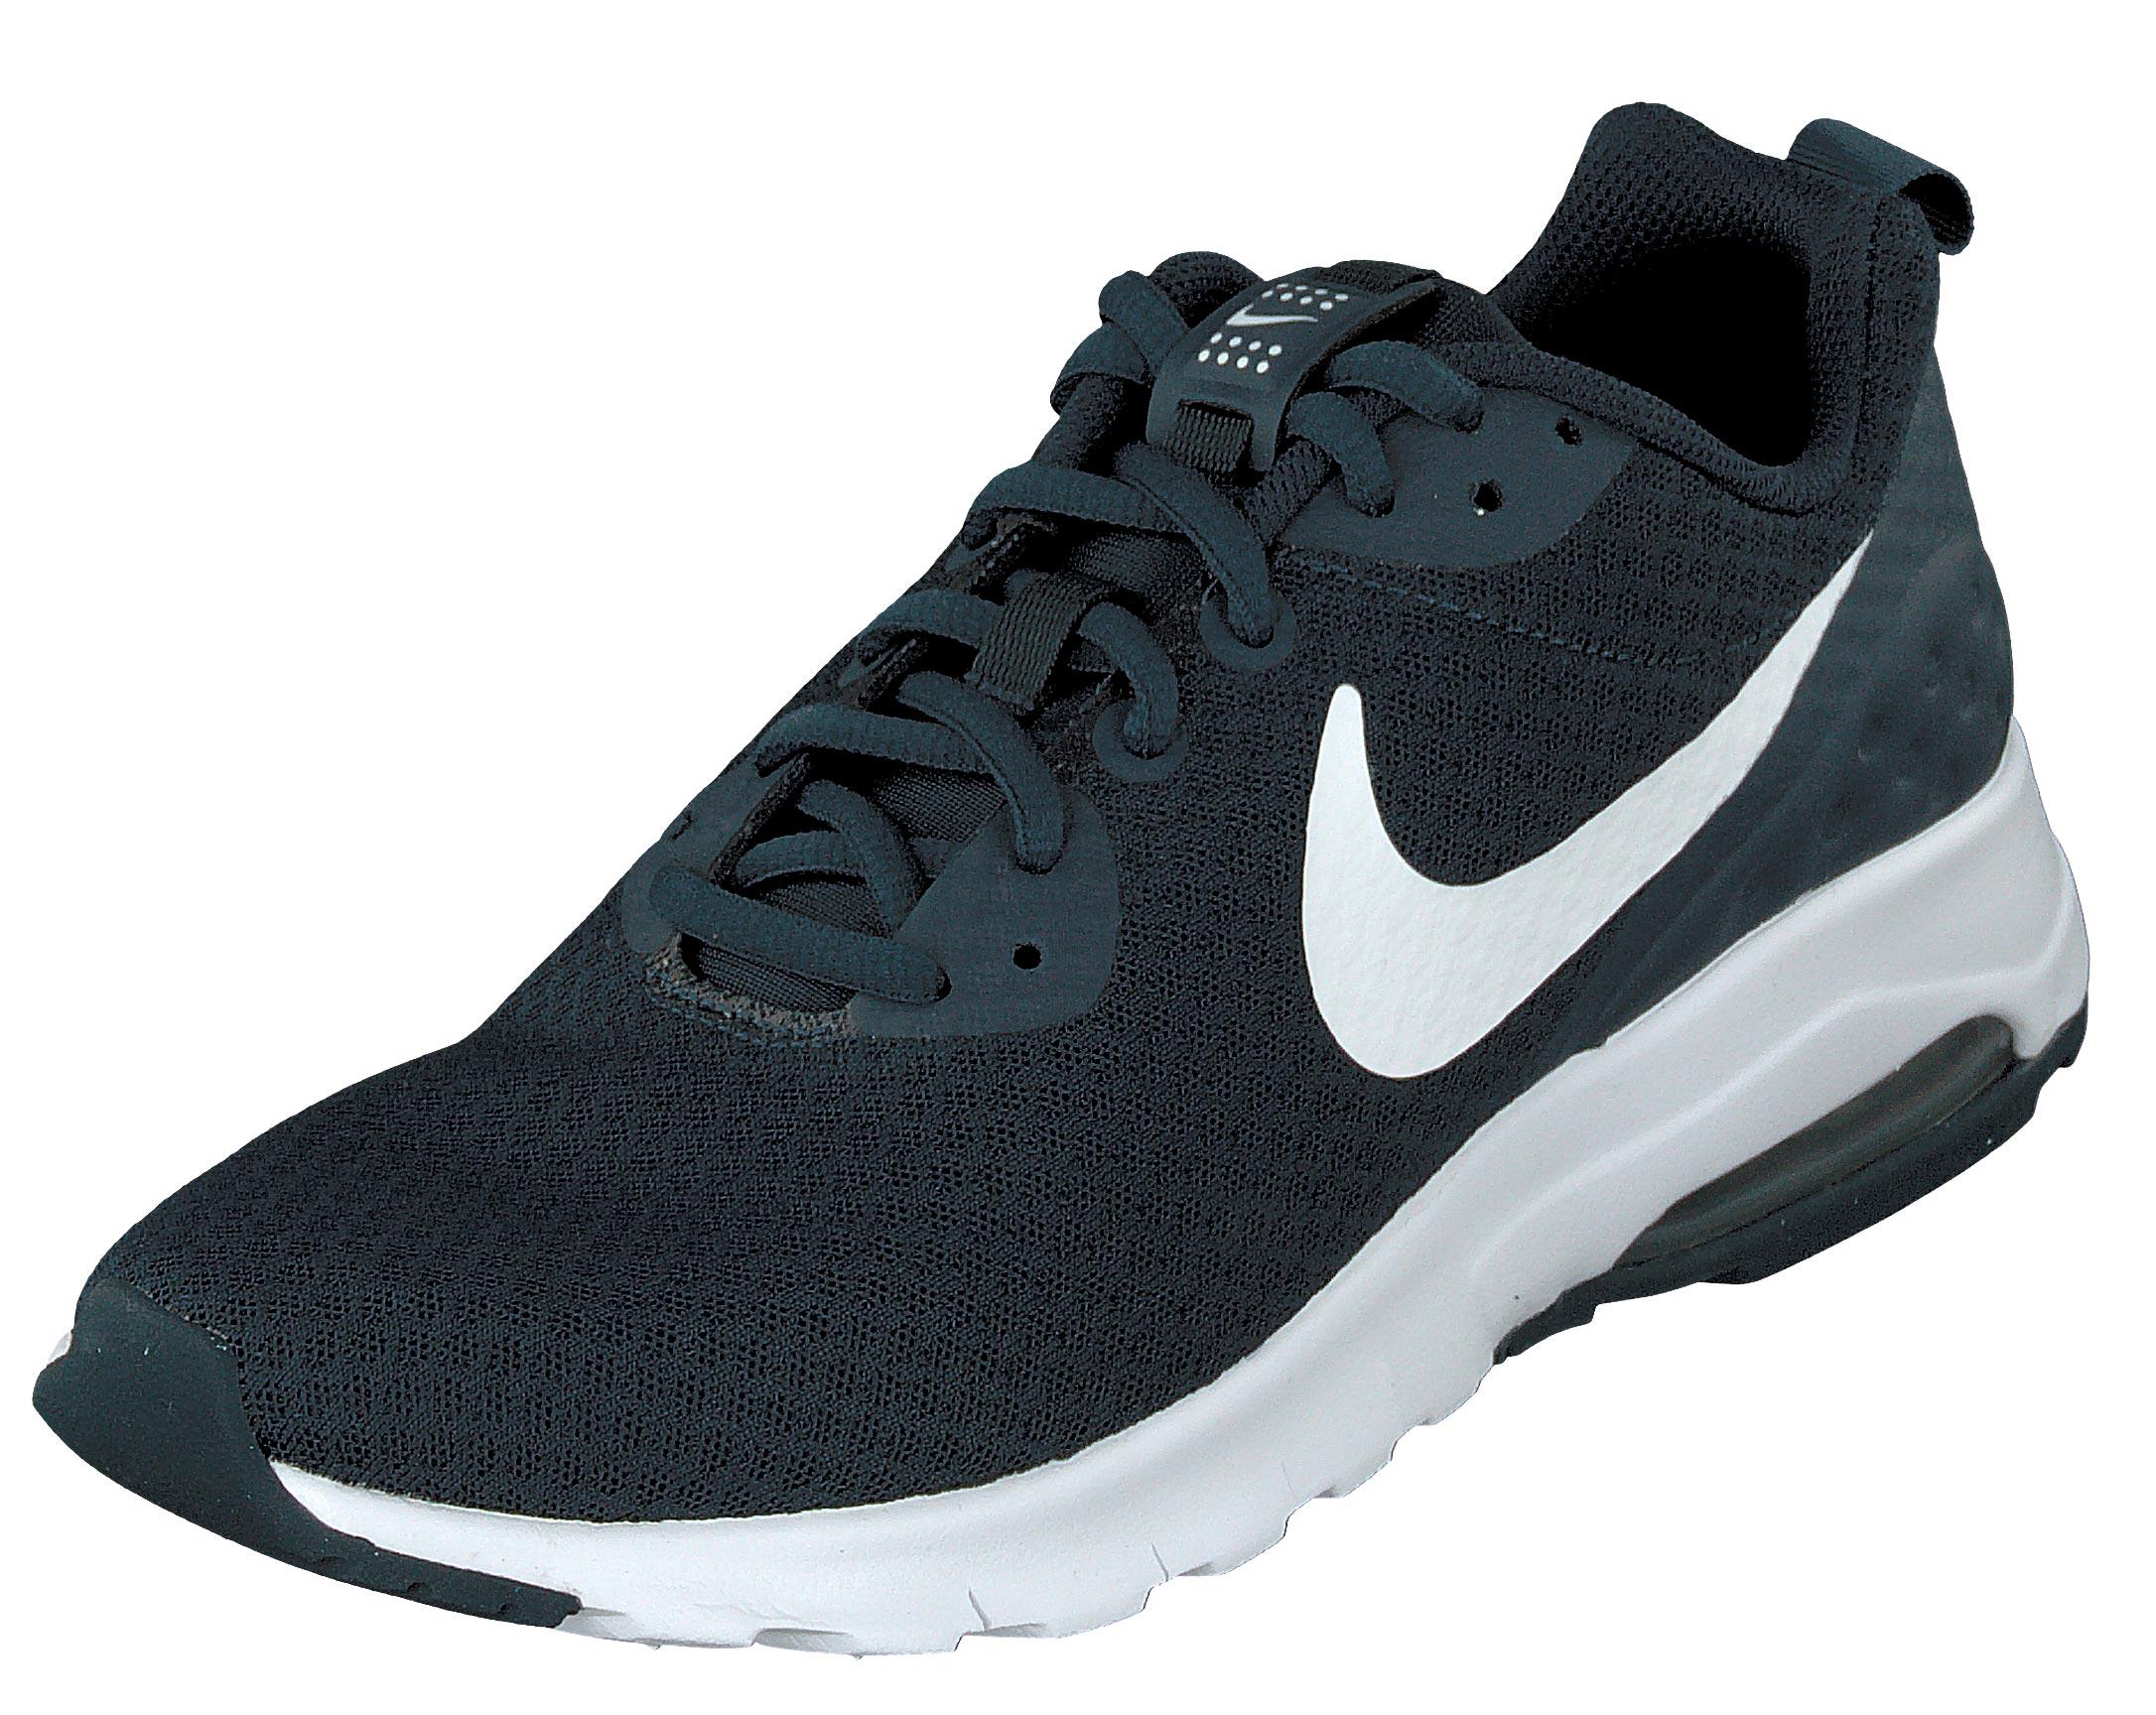 TG.45U Nike Air Max Motion Lw Scarpe da Ginnastica Uomo